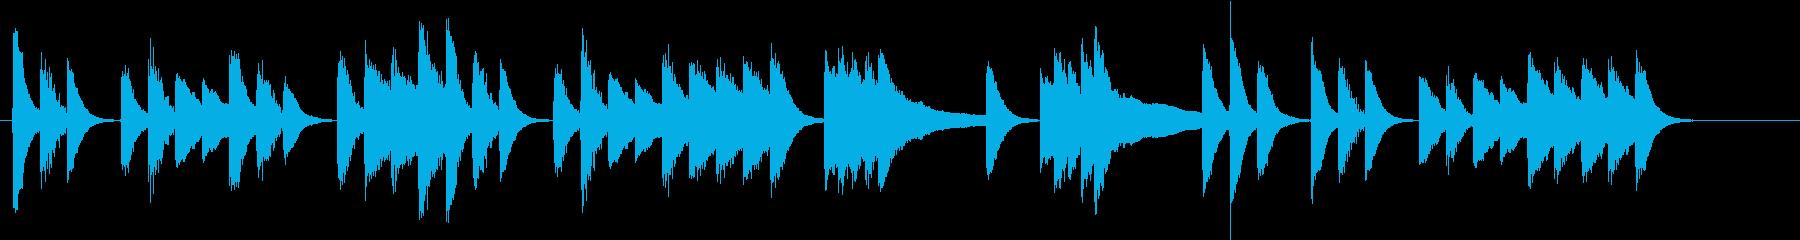 へんてこりんメロディの軽快ピアノジングルの再生済みの波形